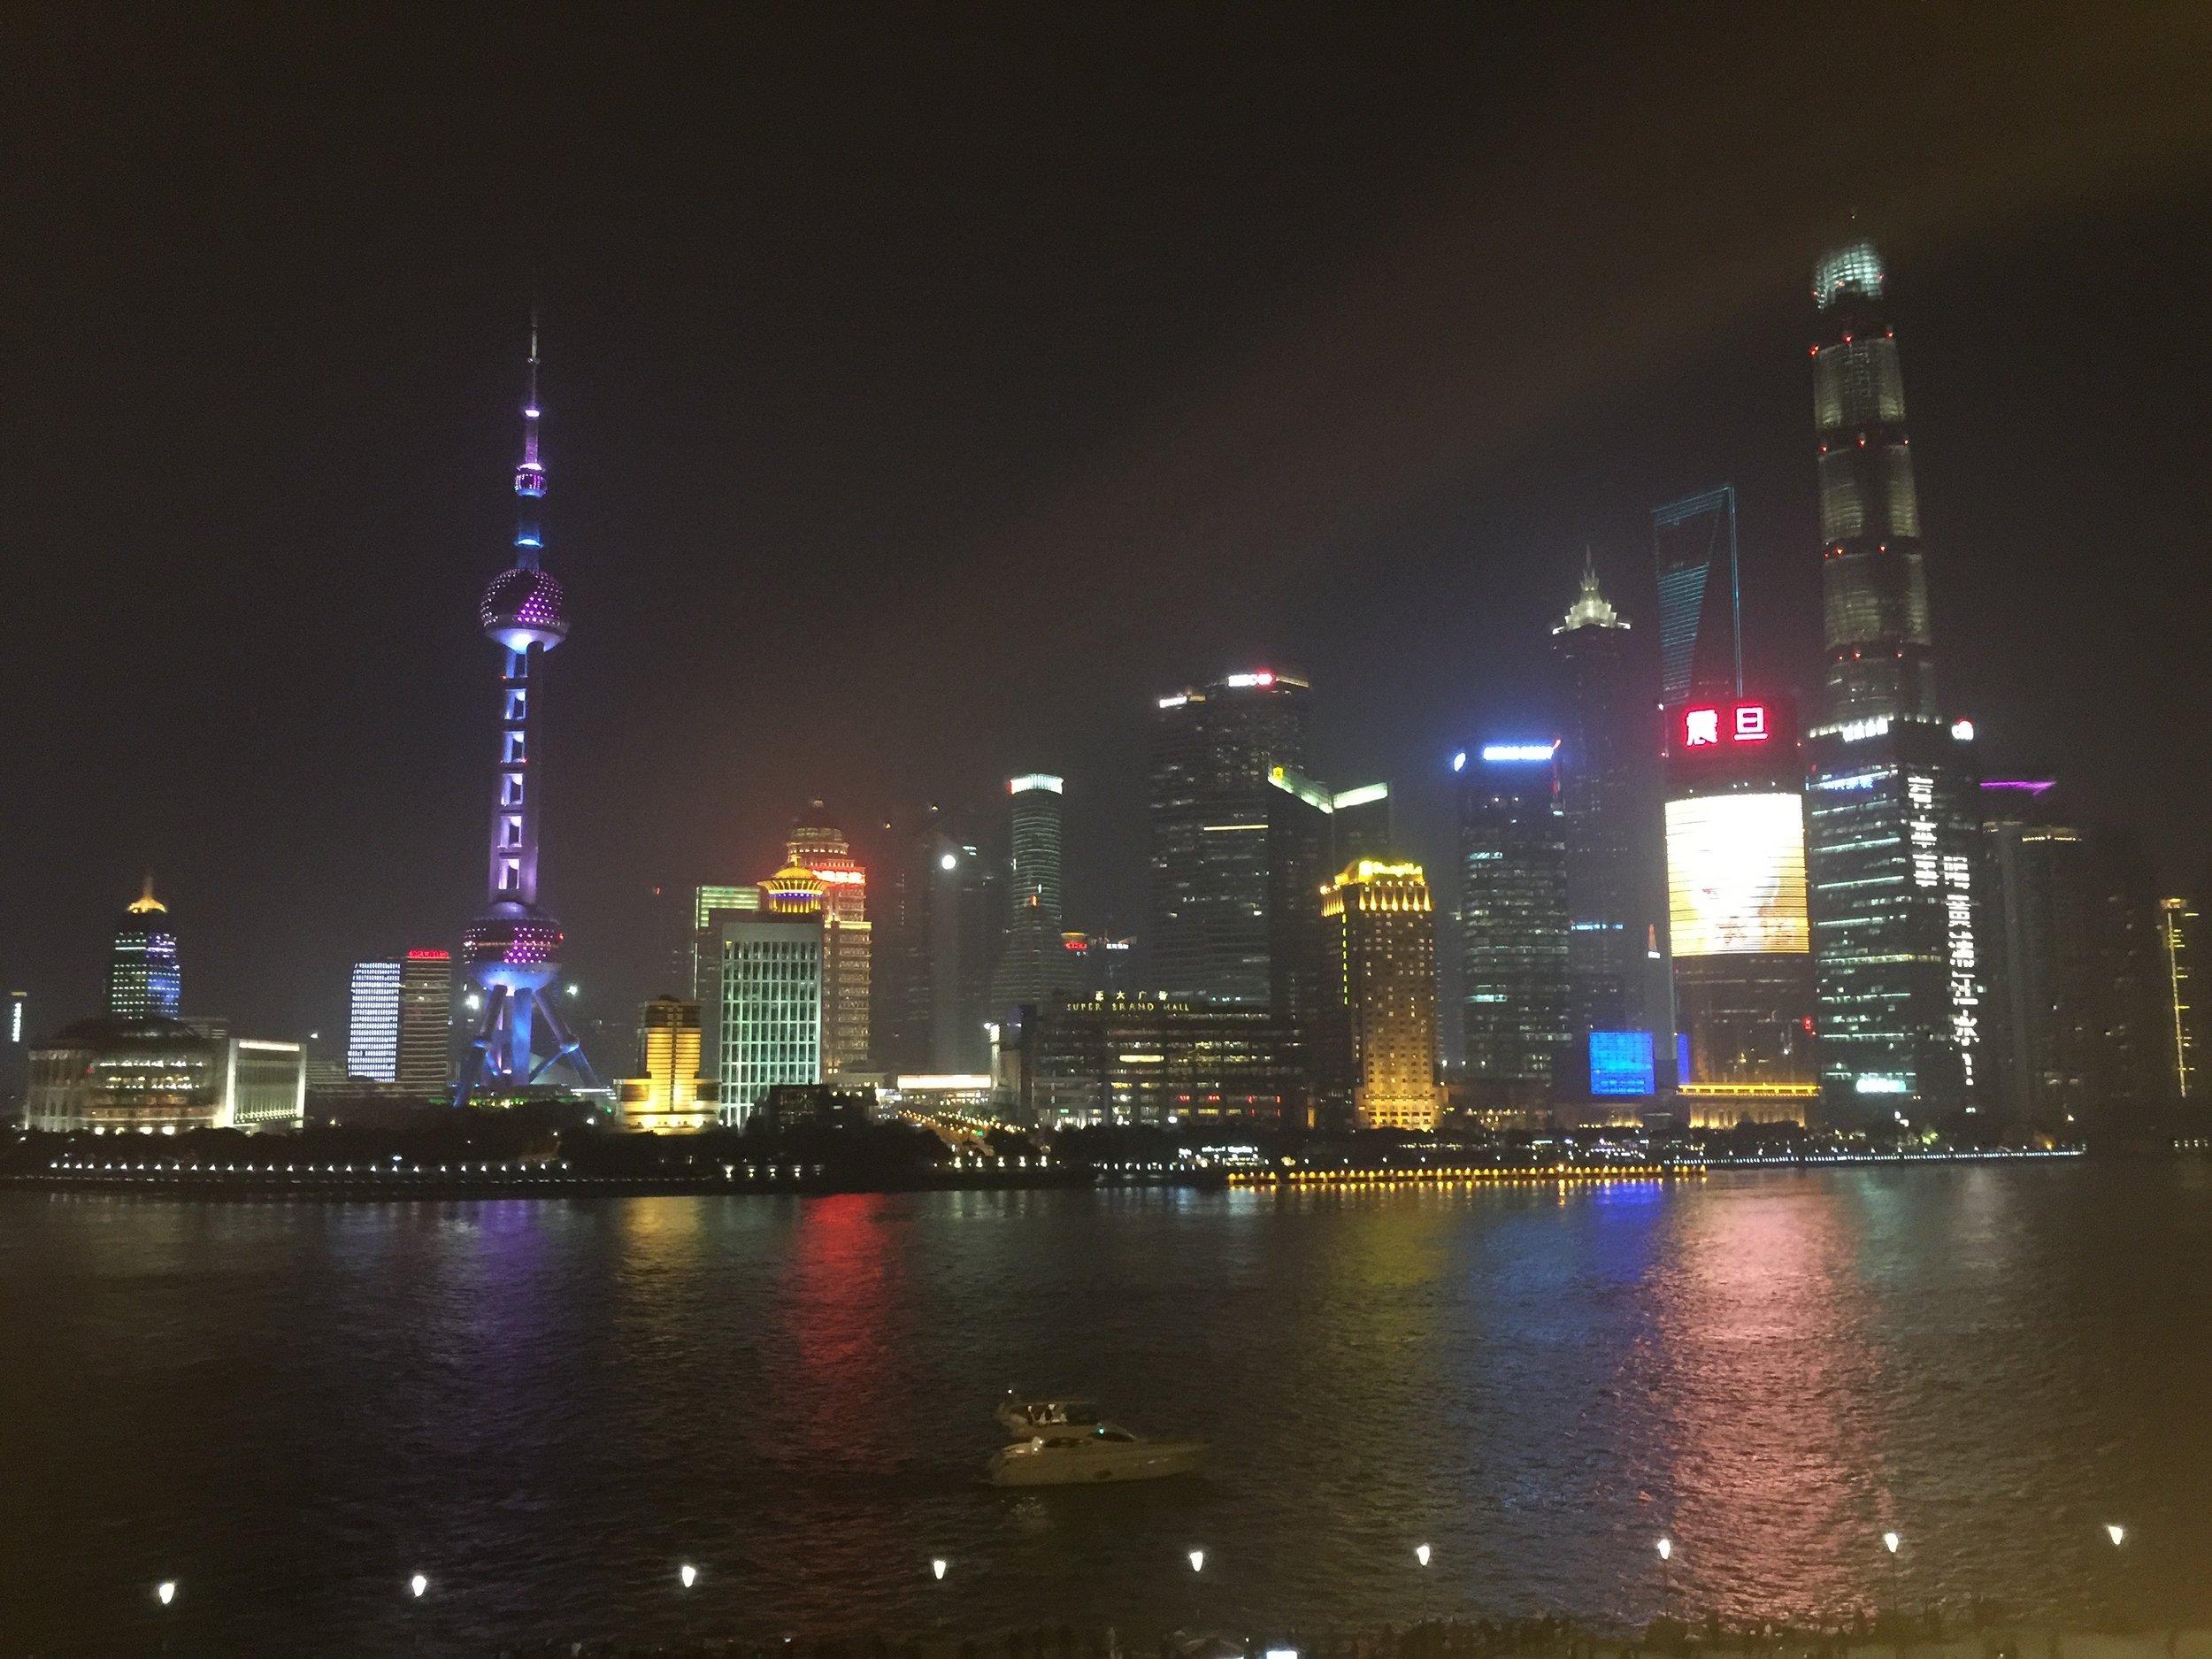 La skyline del Pudong vista dalla passeggiata del Bund.